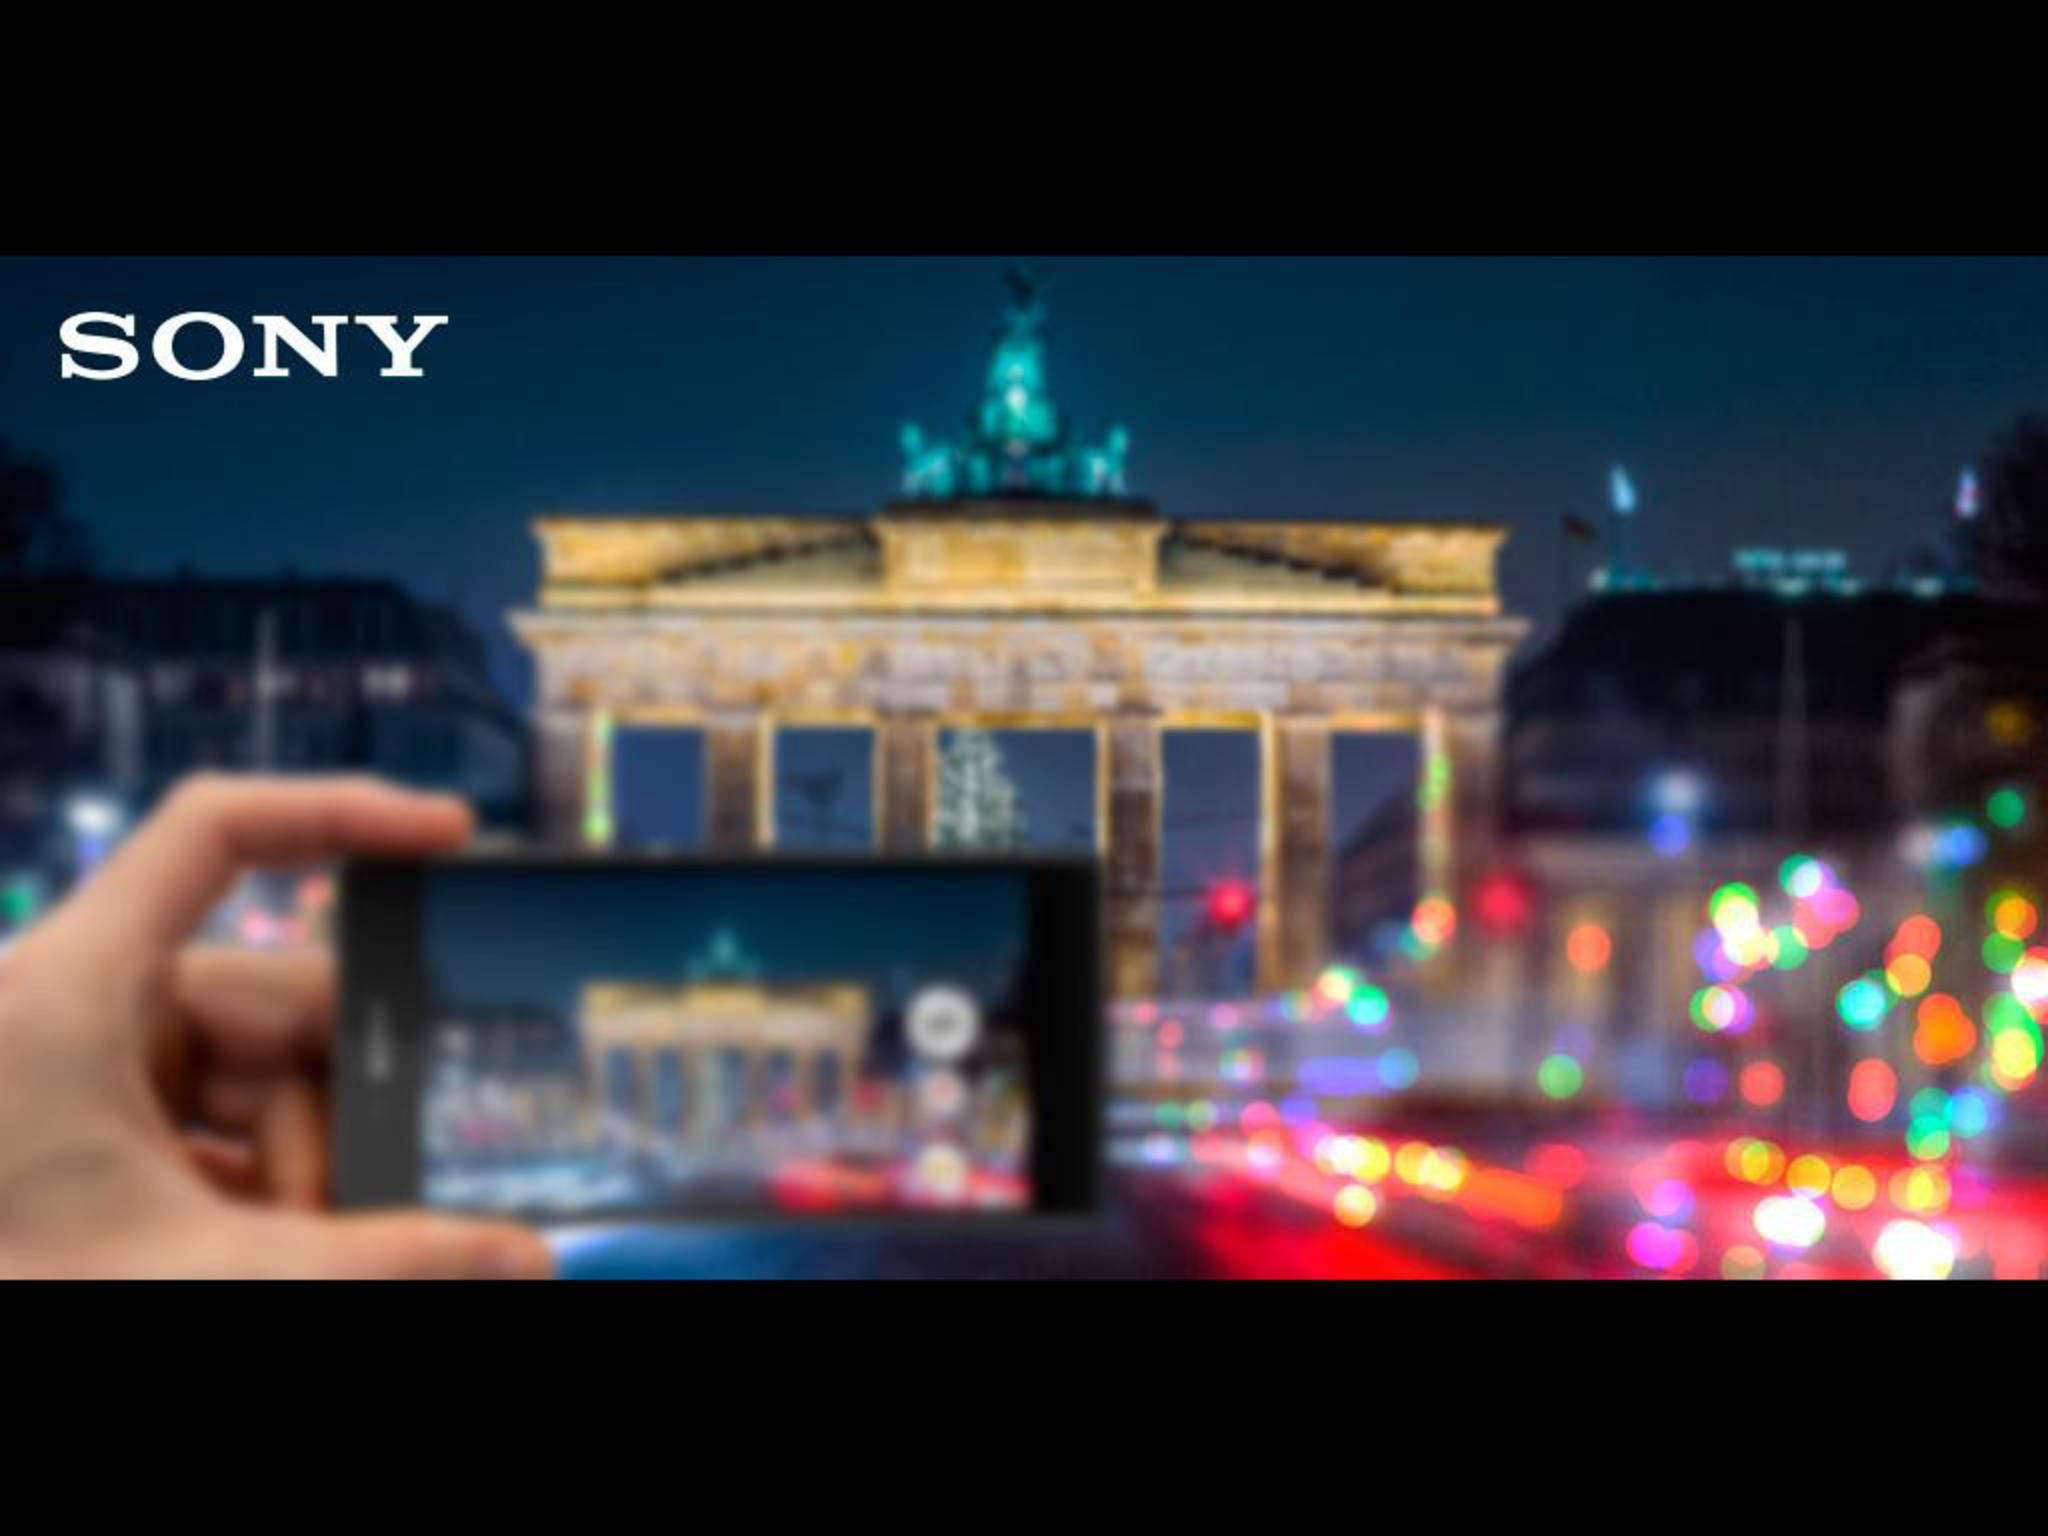 Sony_Xperia_Teaser